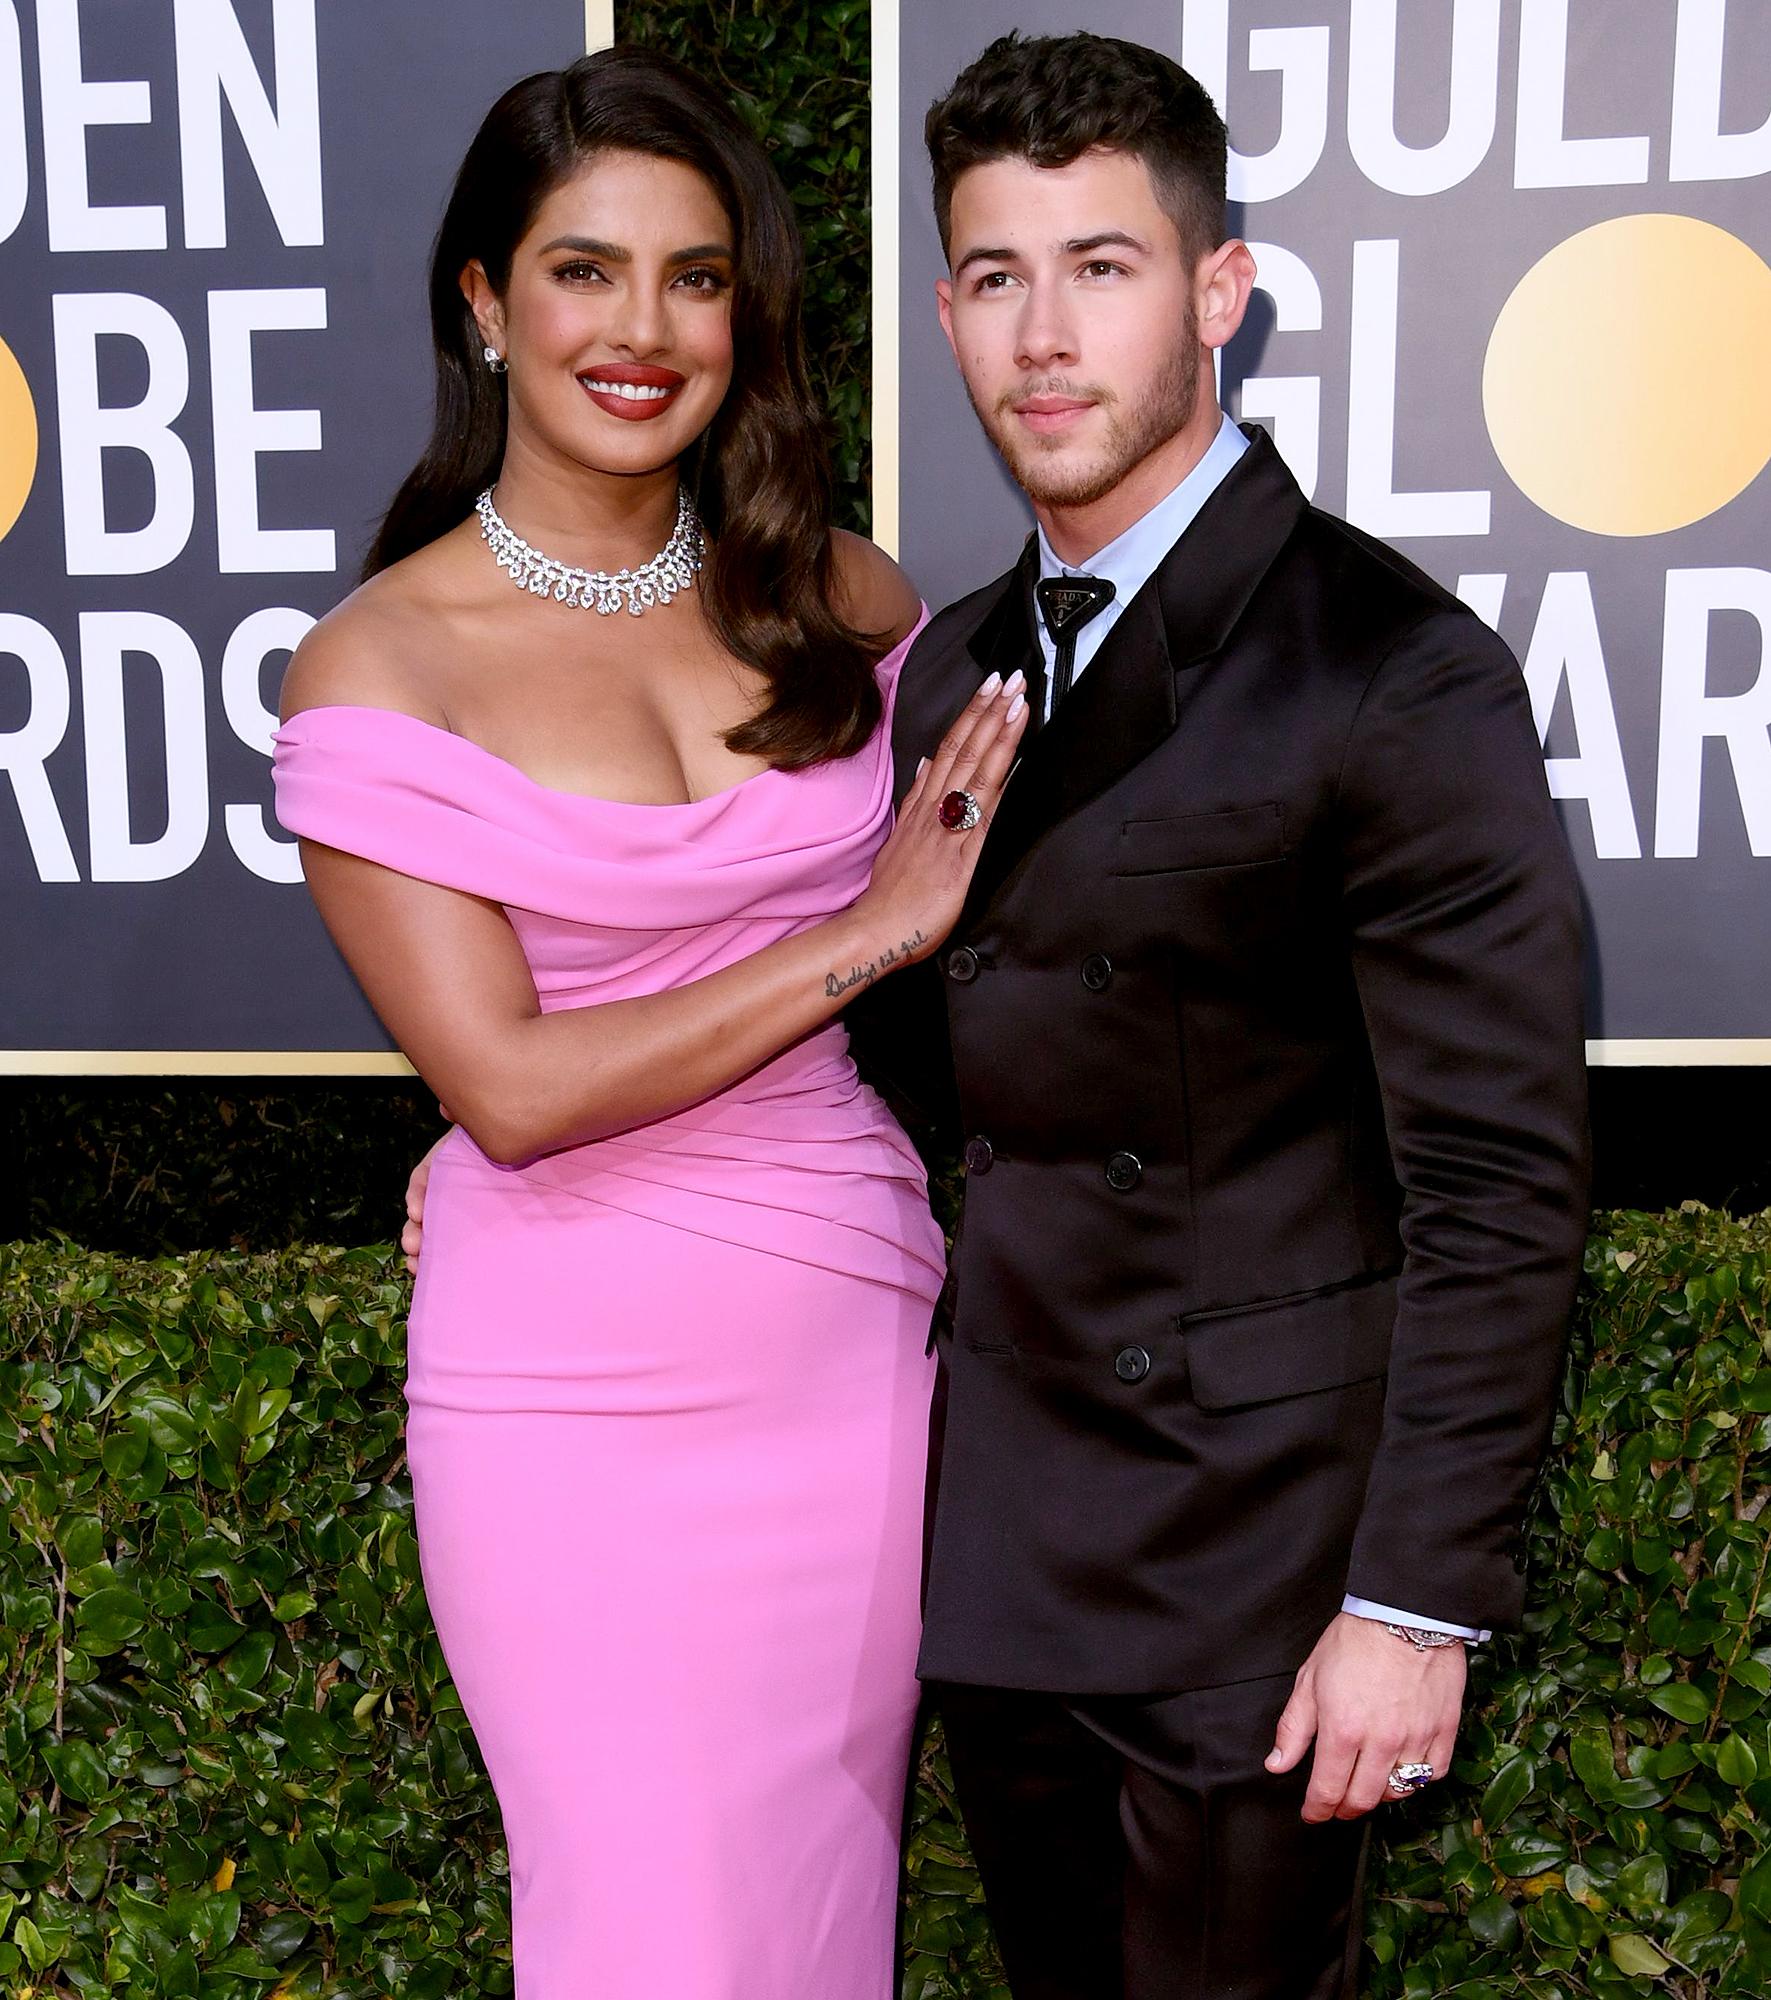 Priyanka Chopra Shares 'Silver Lining' to Quarantining With Nick Jonas